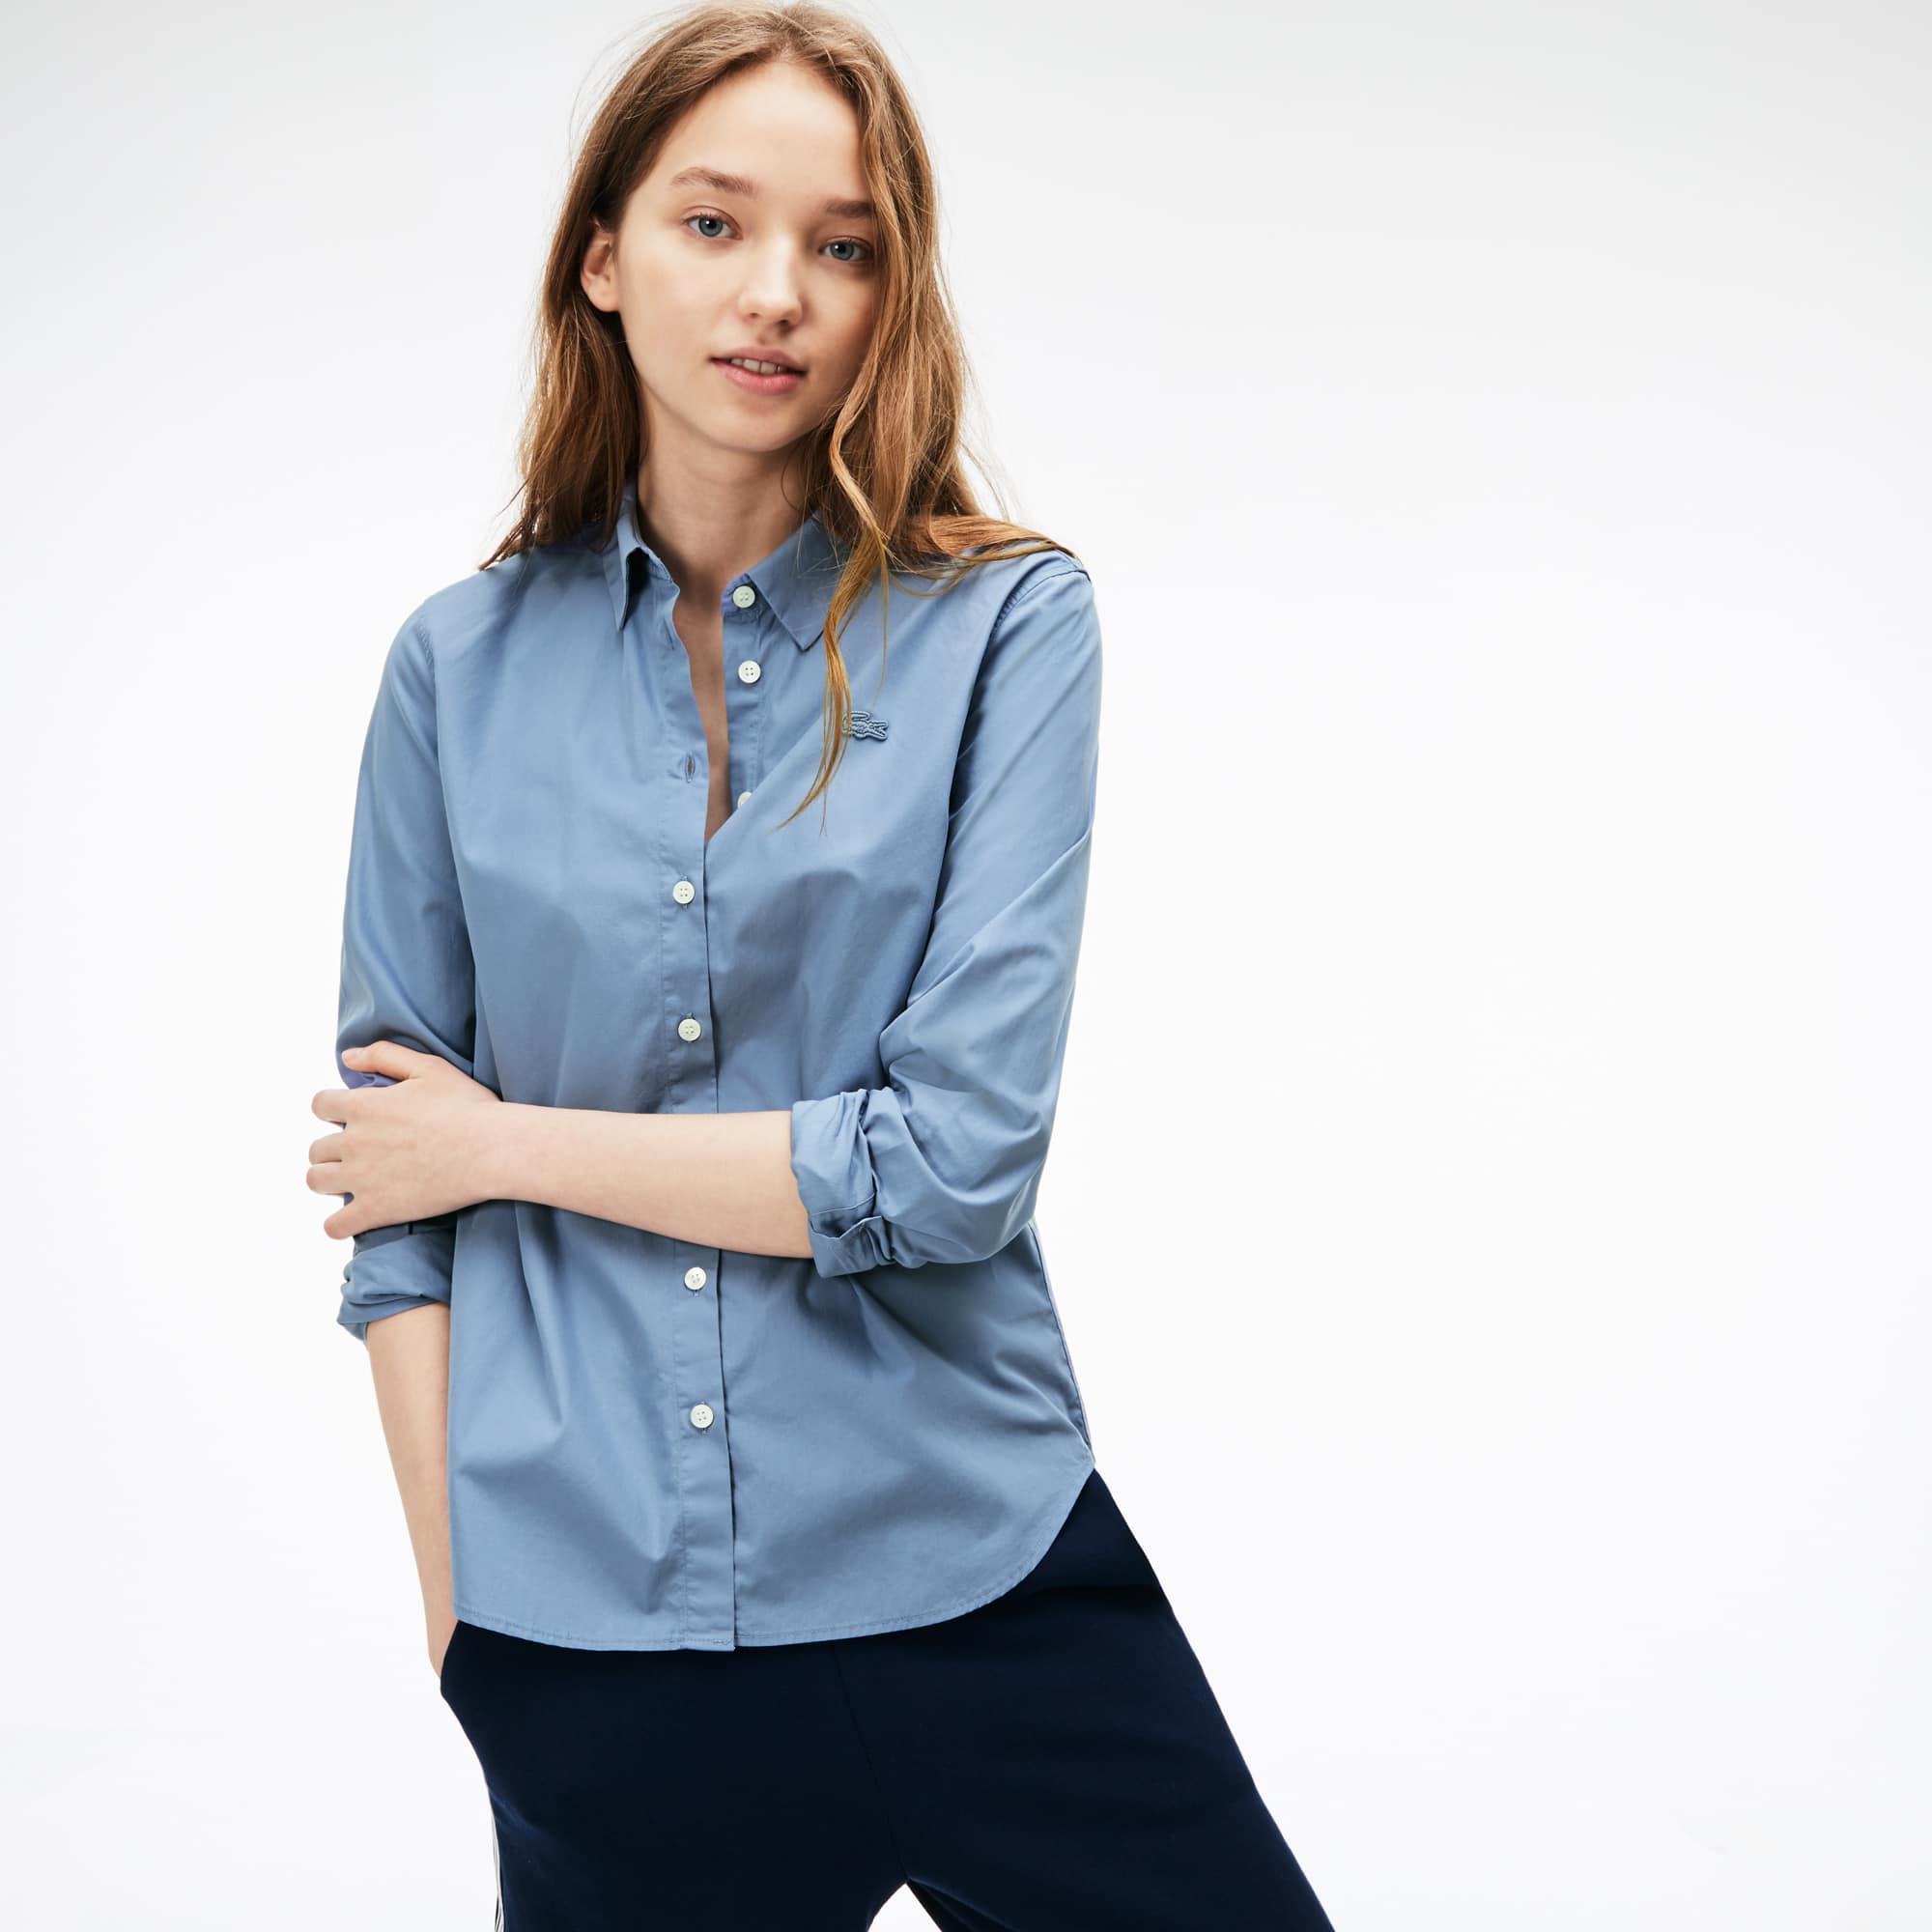 Regular Fit Damen-Bluse aus Baumwoll-Popeline